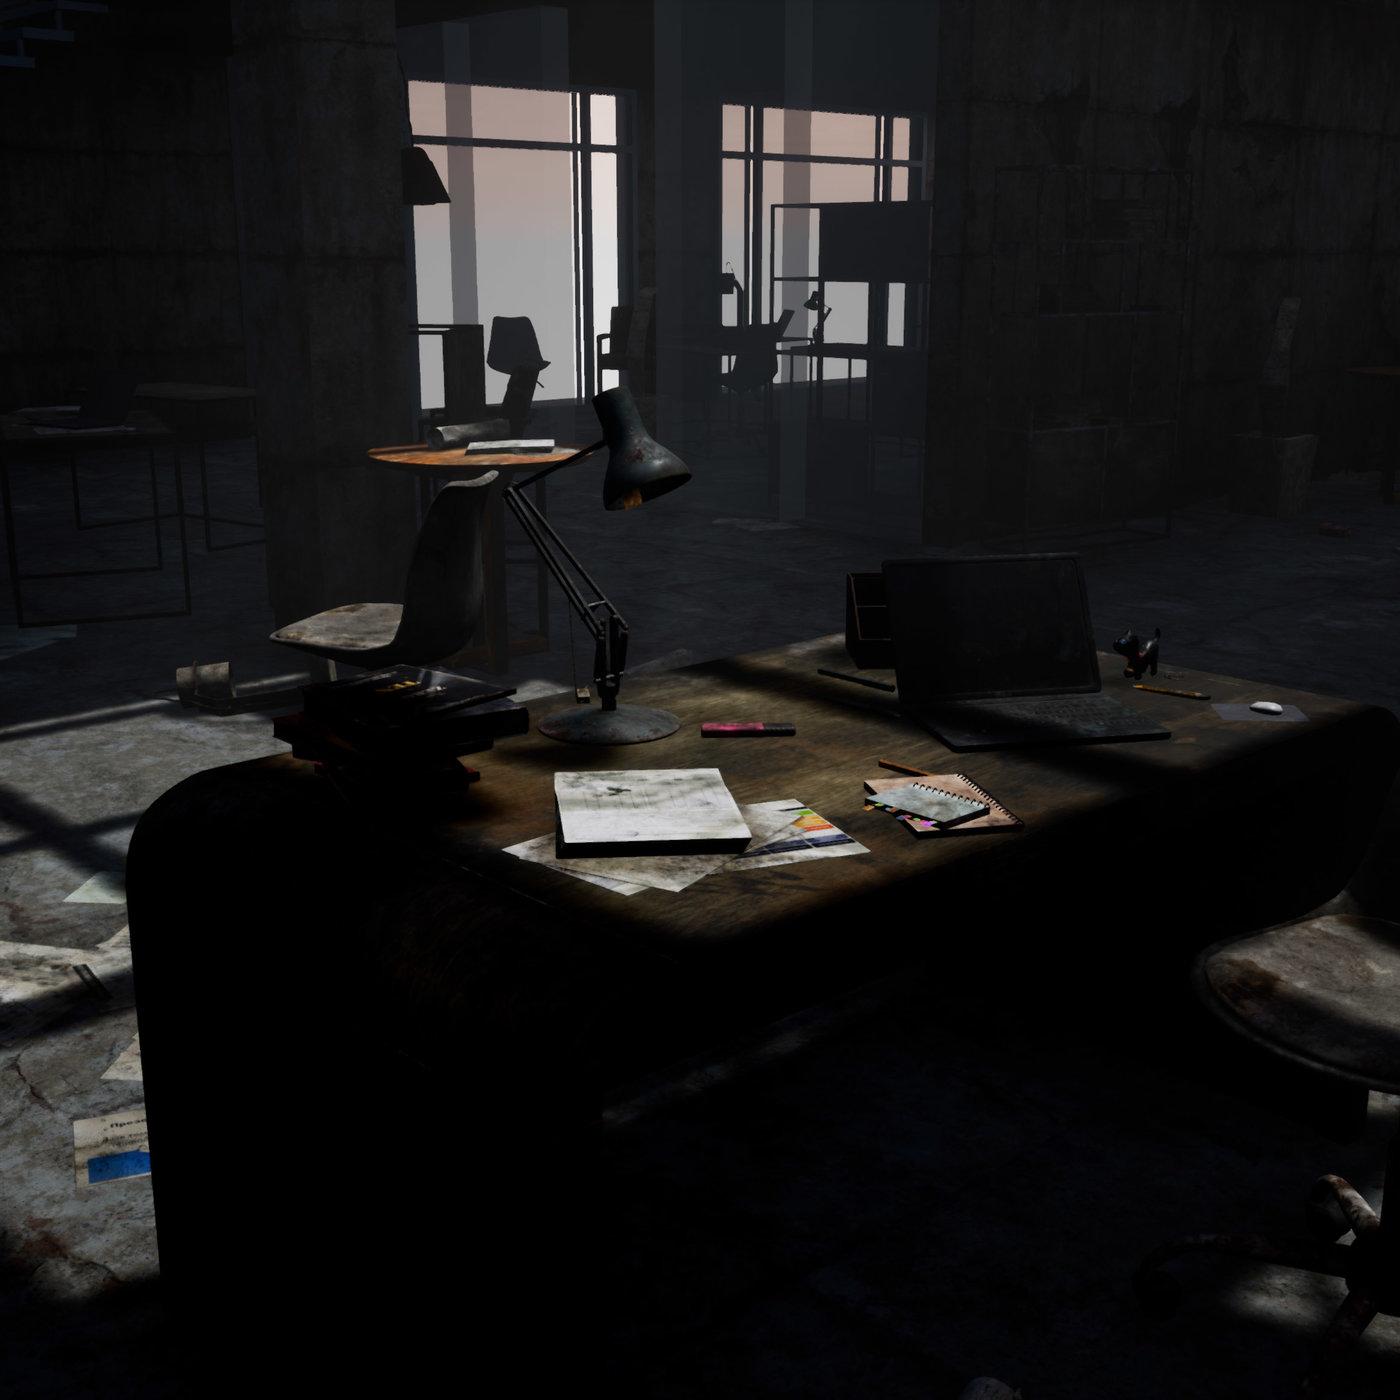 Post-apocalyptic scene in UE4